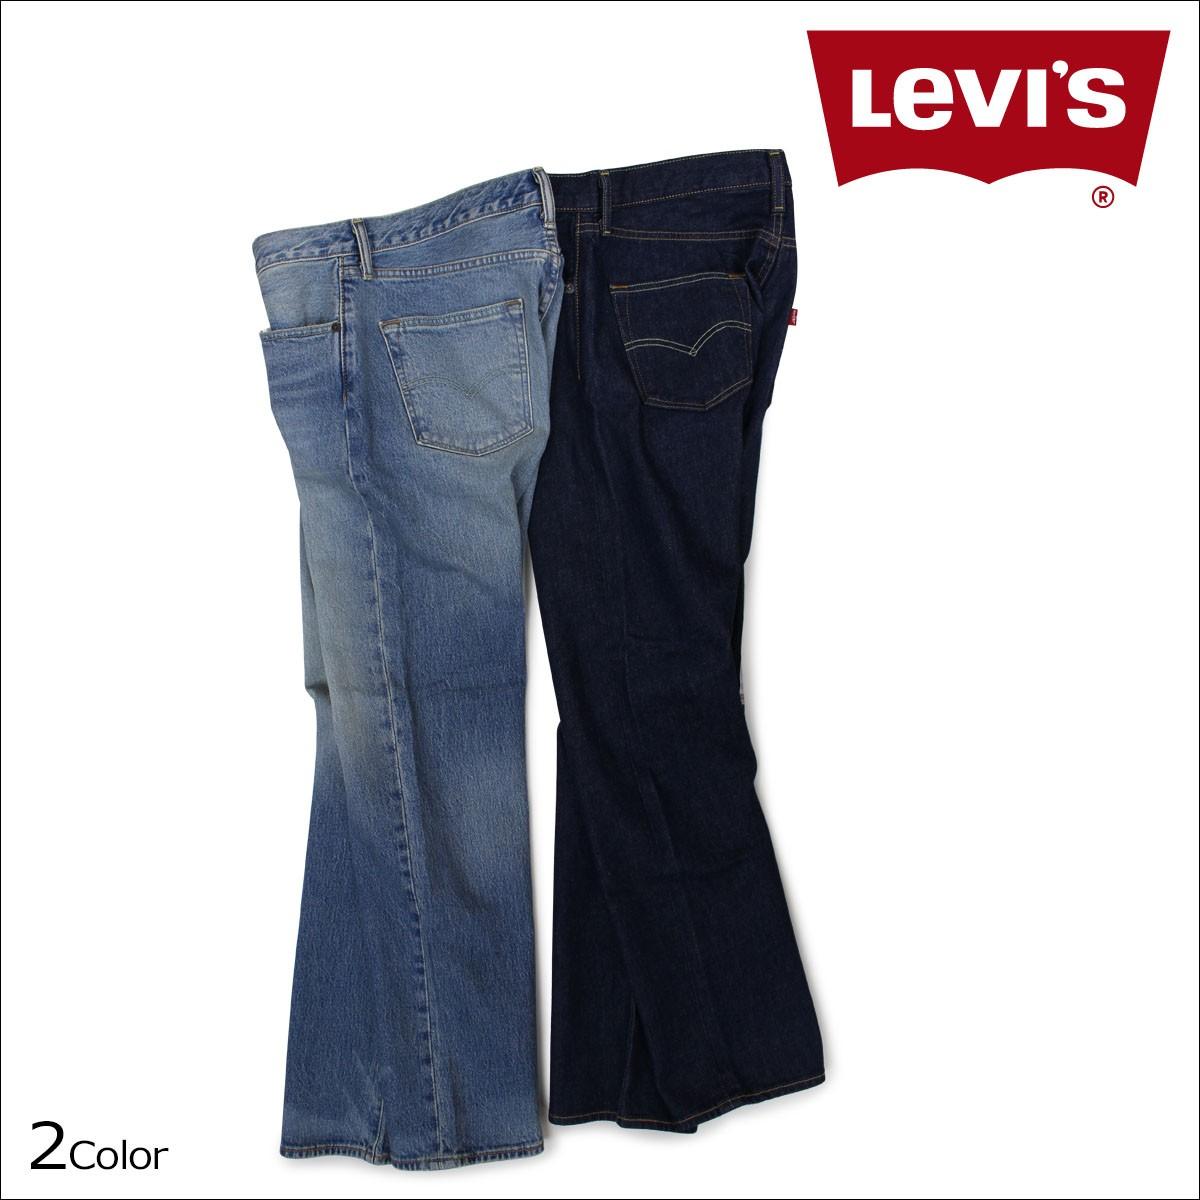 リーバイス 501 LEVI'S ストレート メンズ ストレッチ デニム パンツ ORIGINAL FIT